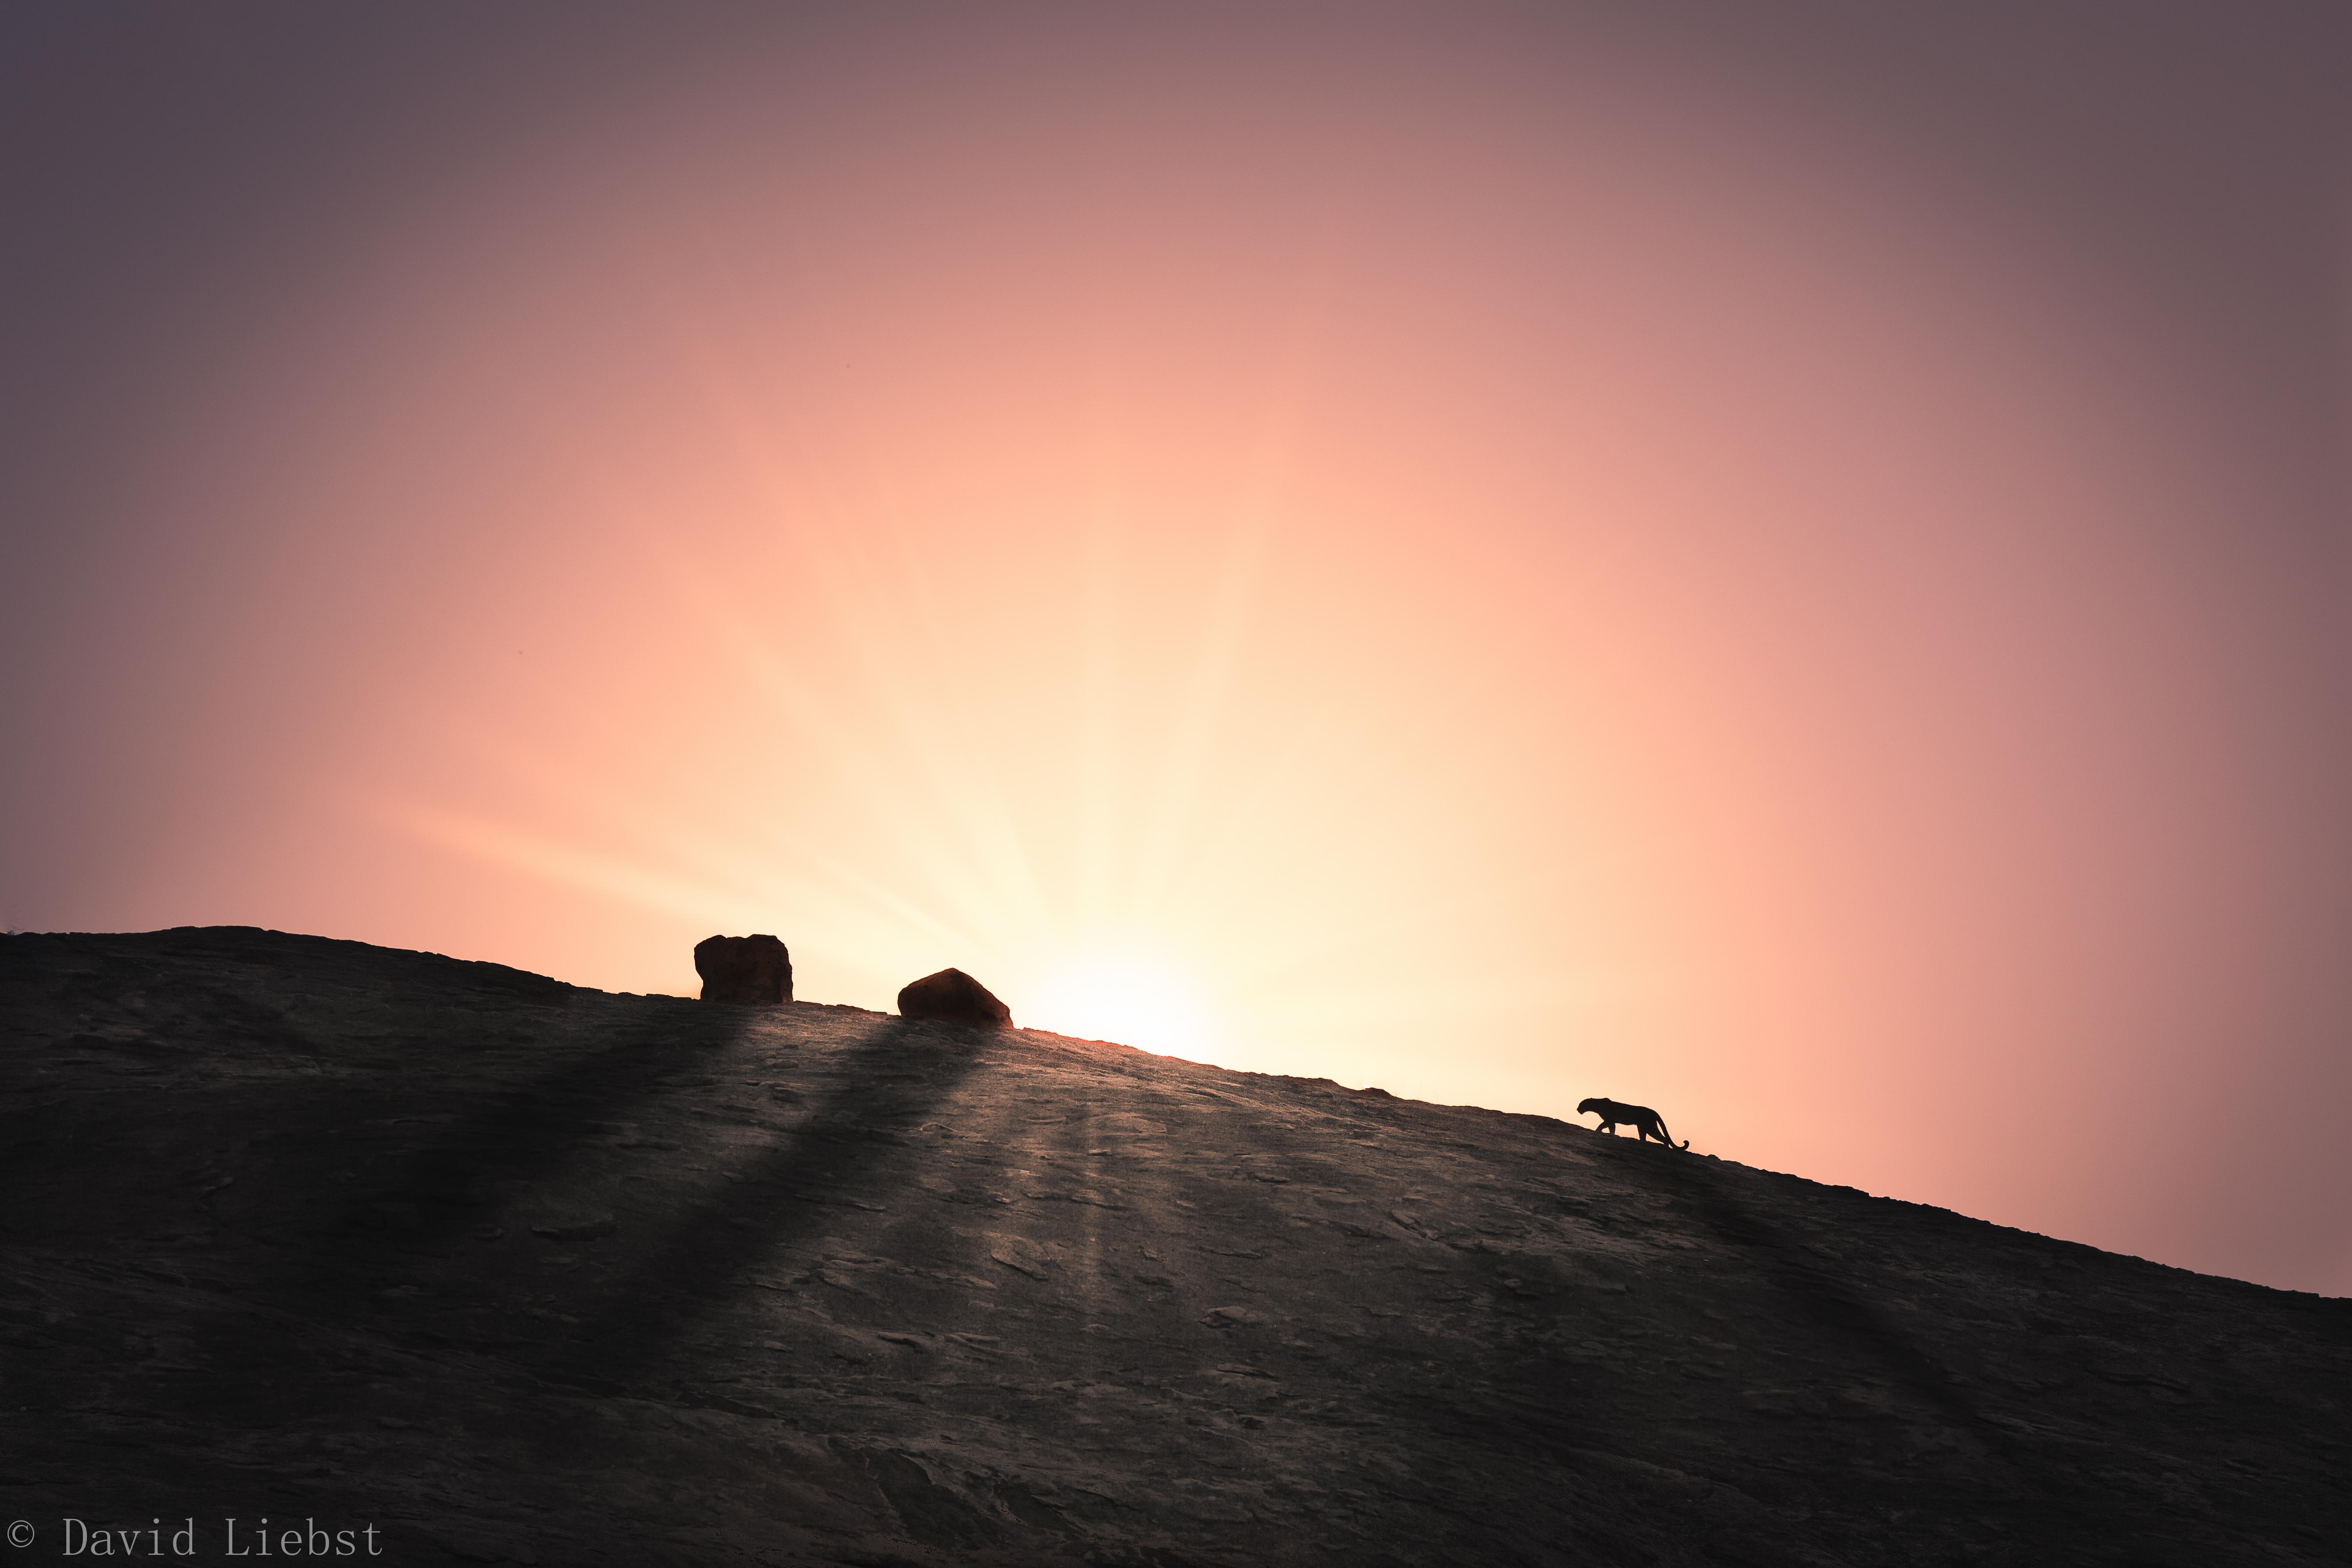 kilimatonge-leopard-sunrise